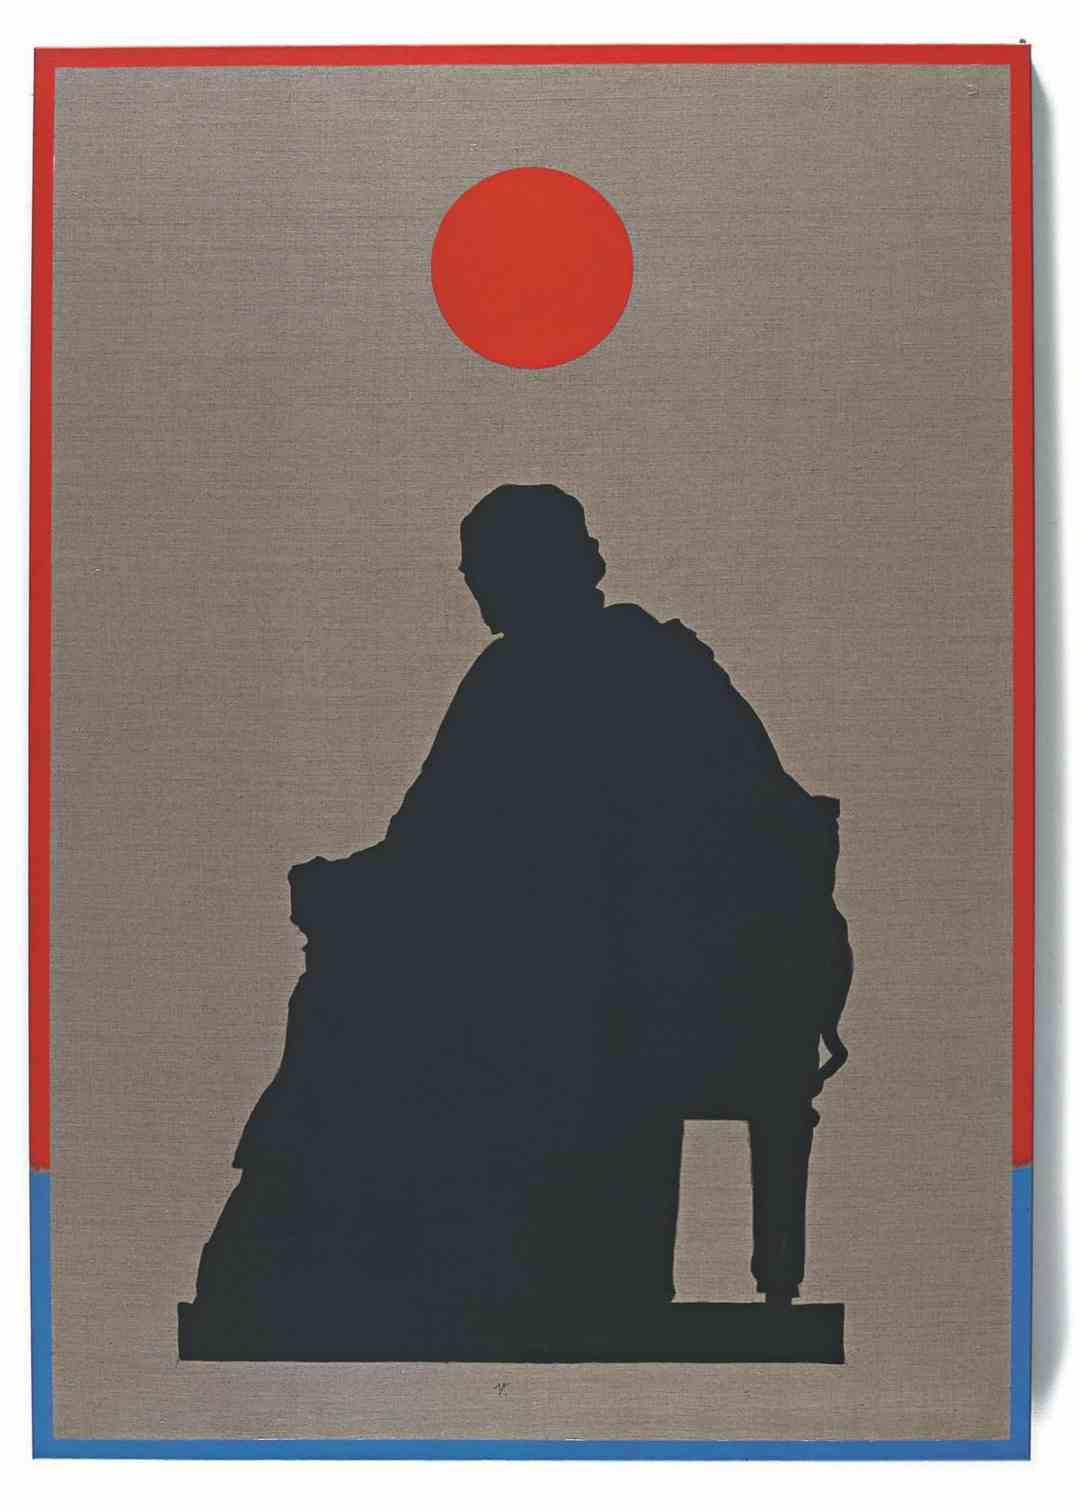 Andrzej Dłużniewski, Voltaire, 1999, acrylic paint on canvas, 170 x 120 cm